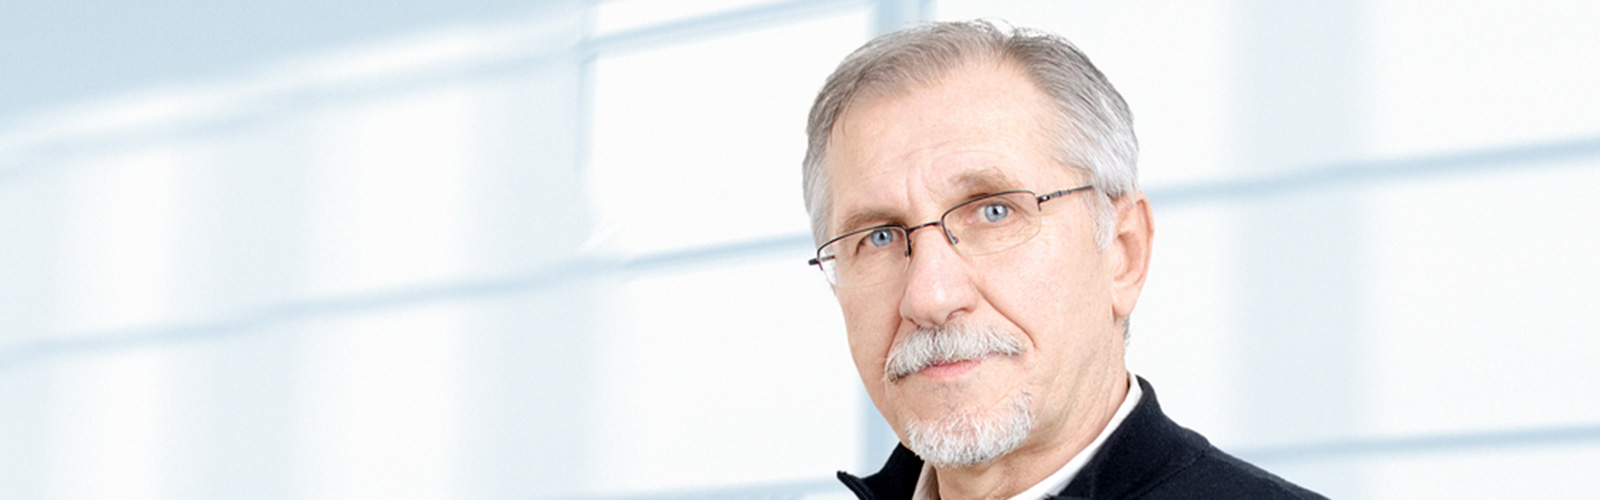 Kontinuität in der IT-Führung– InterimIT